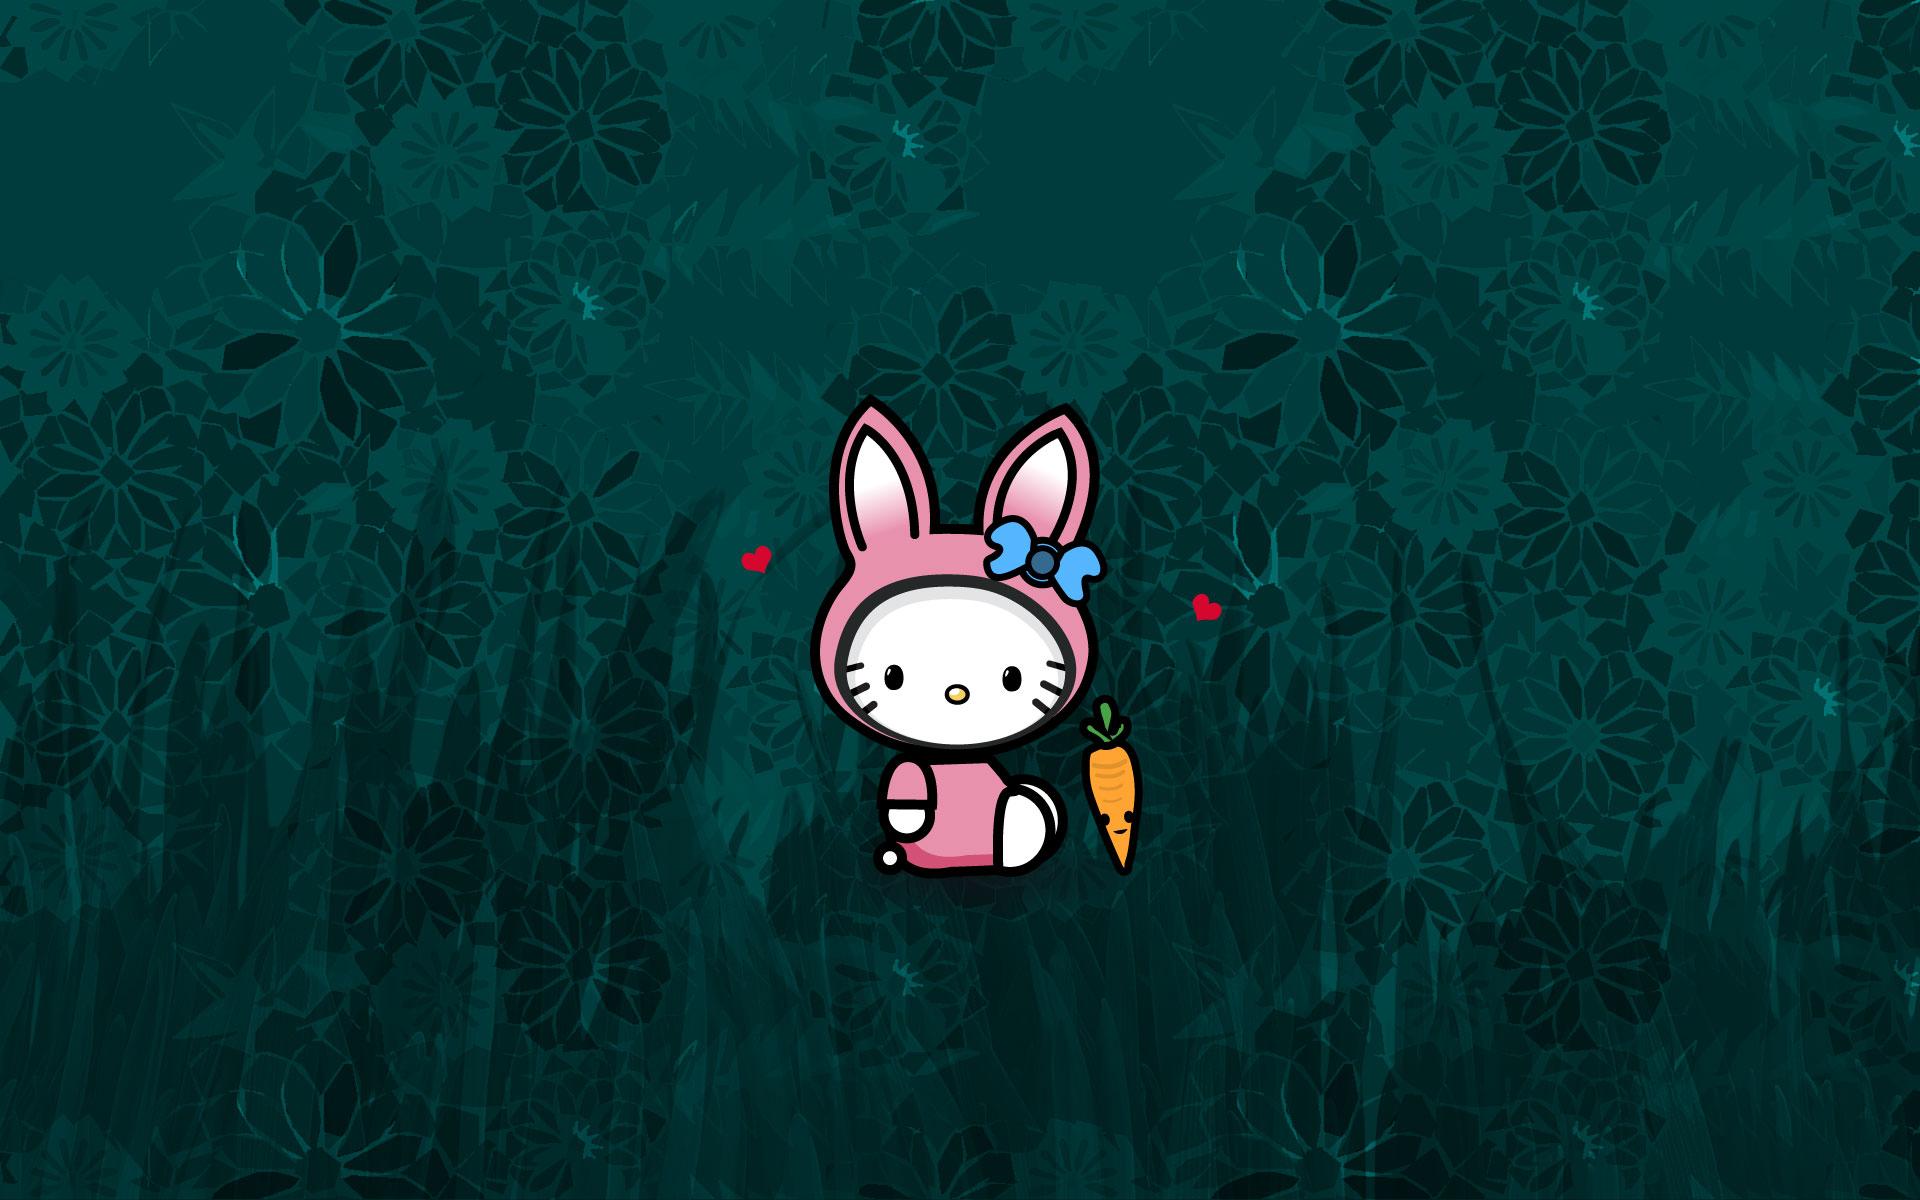 Best Wallpaper Hello Kitty Turquoise - aries40-wordpress-co-hellokitty-65  Snapshot_46484.jpg